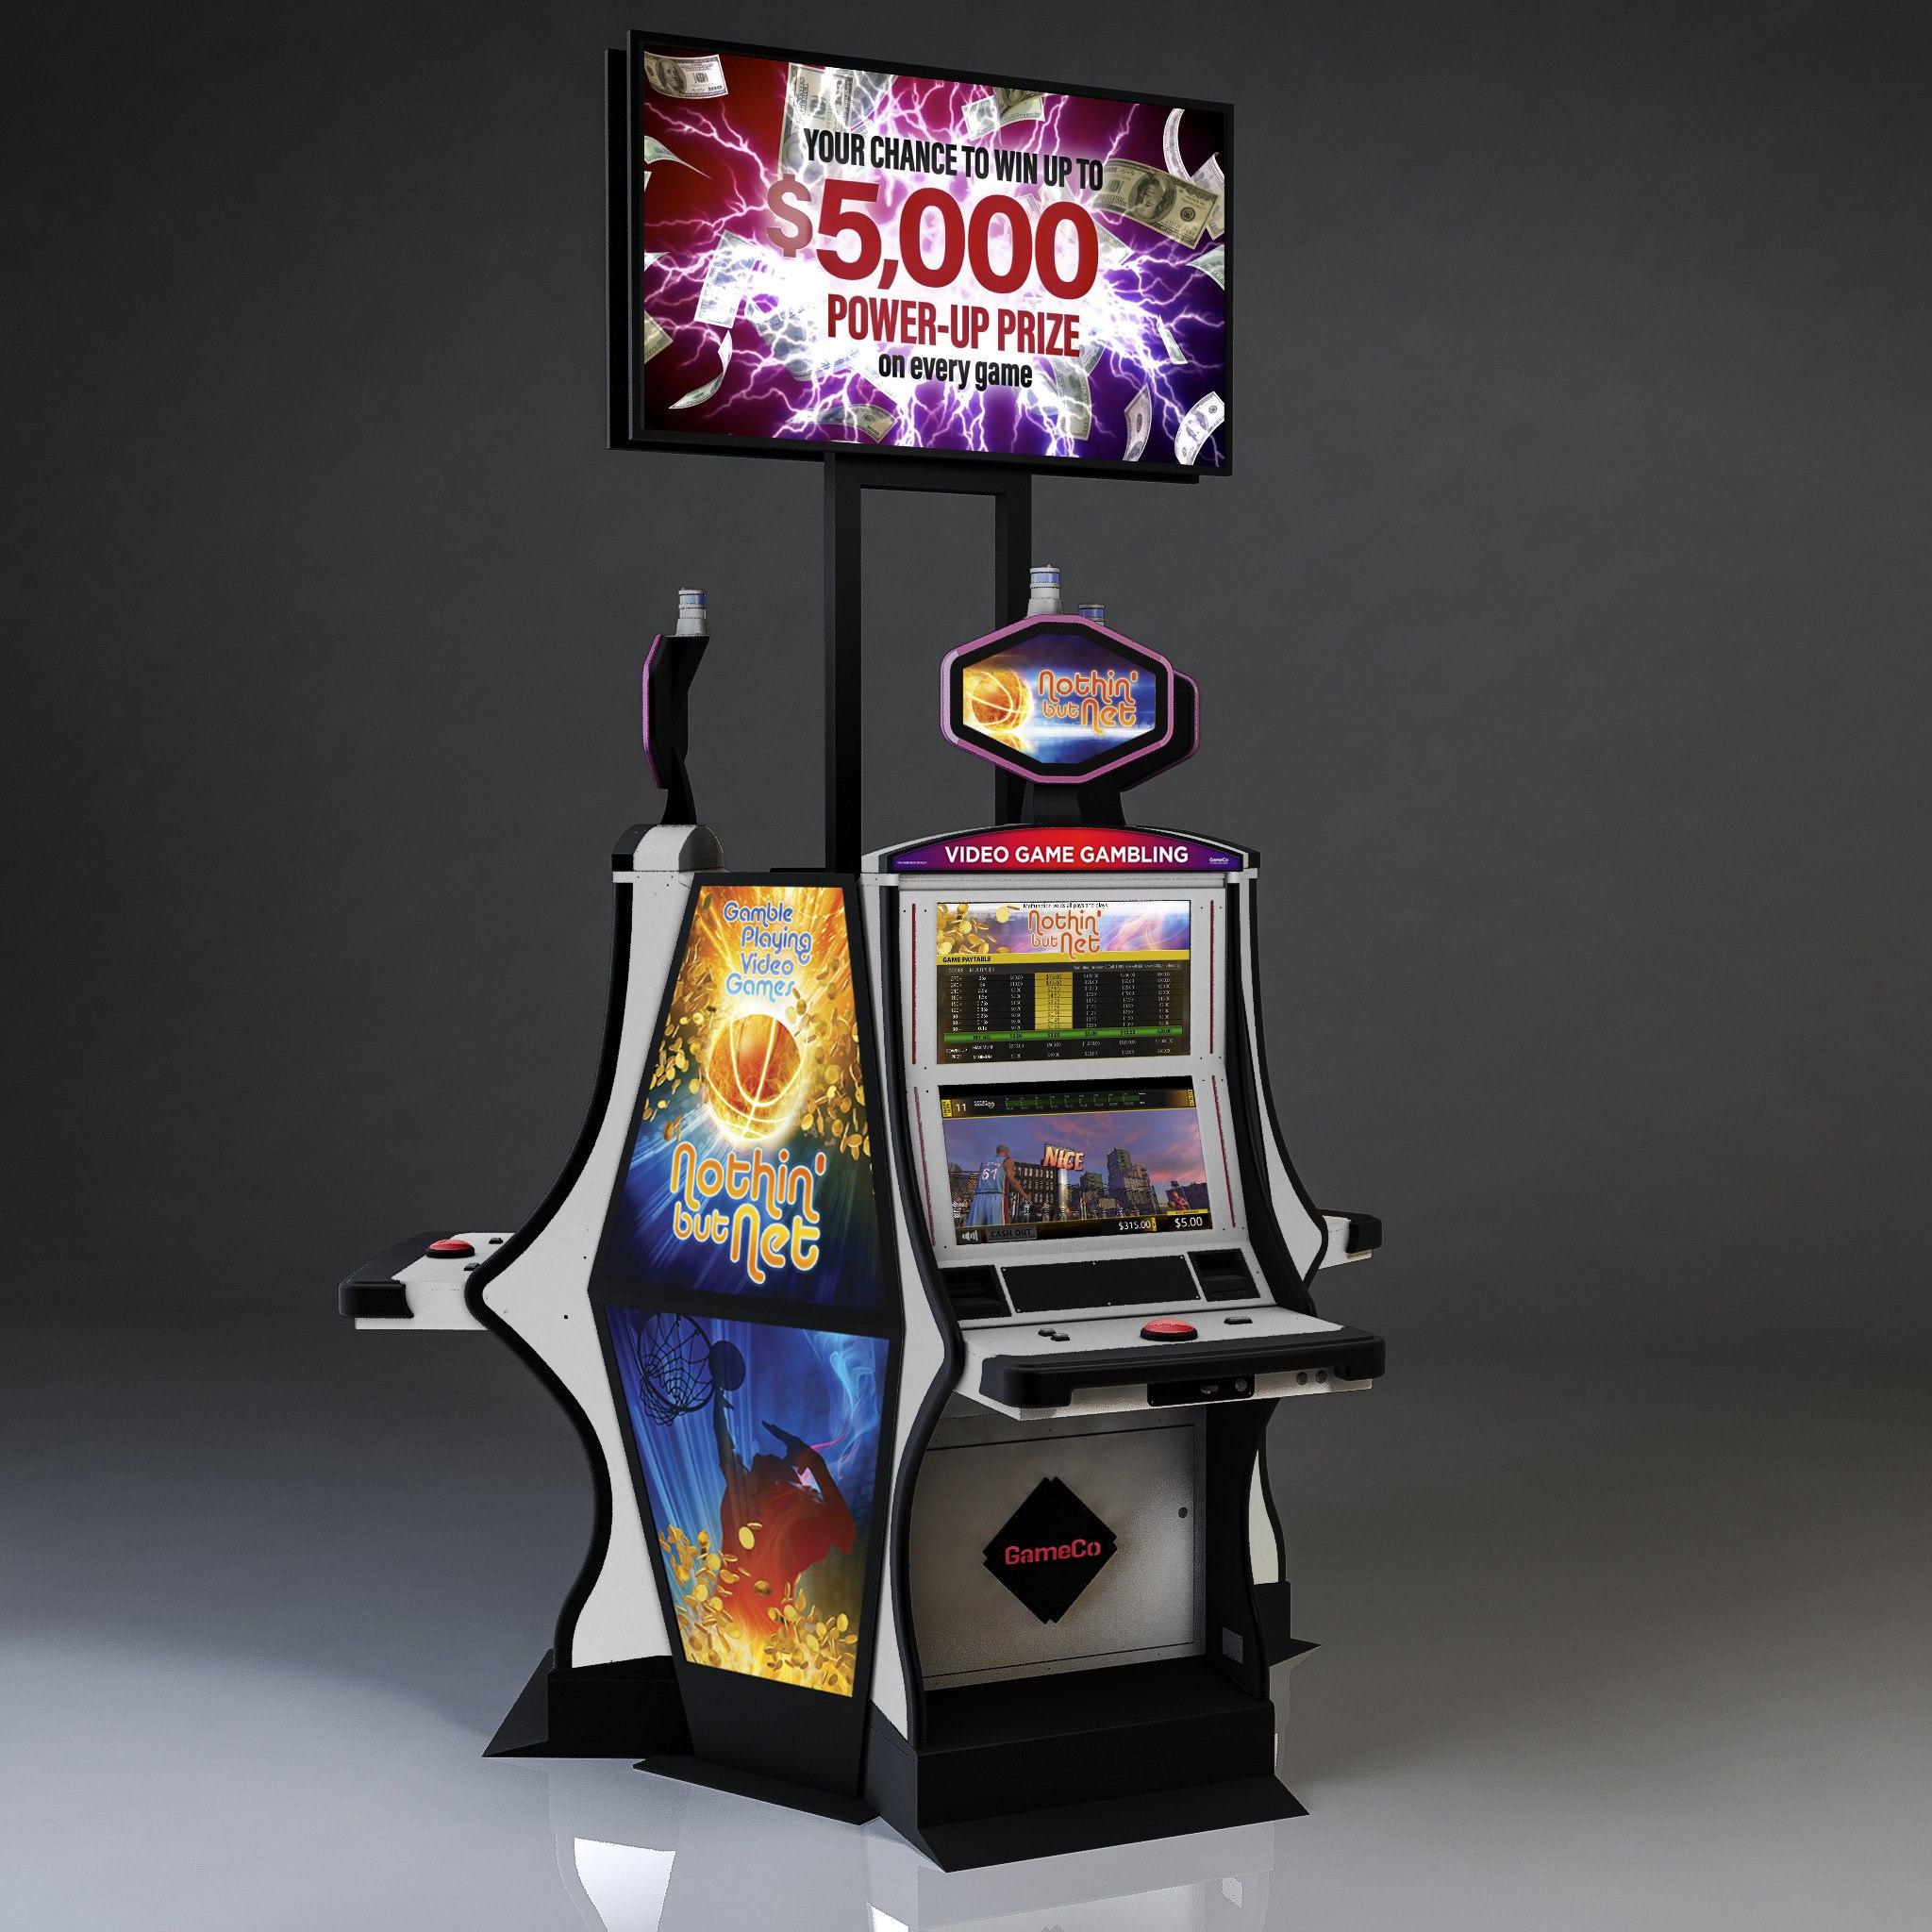 слоты игровых автоматов играть онлайн